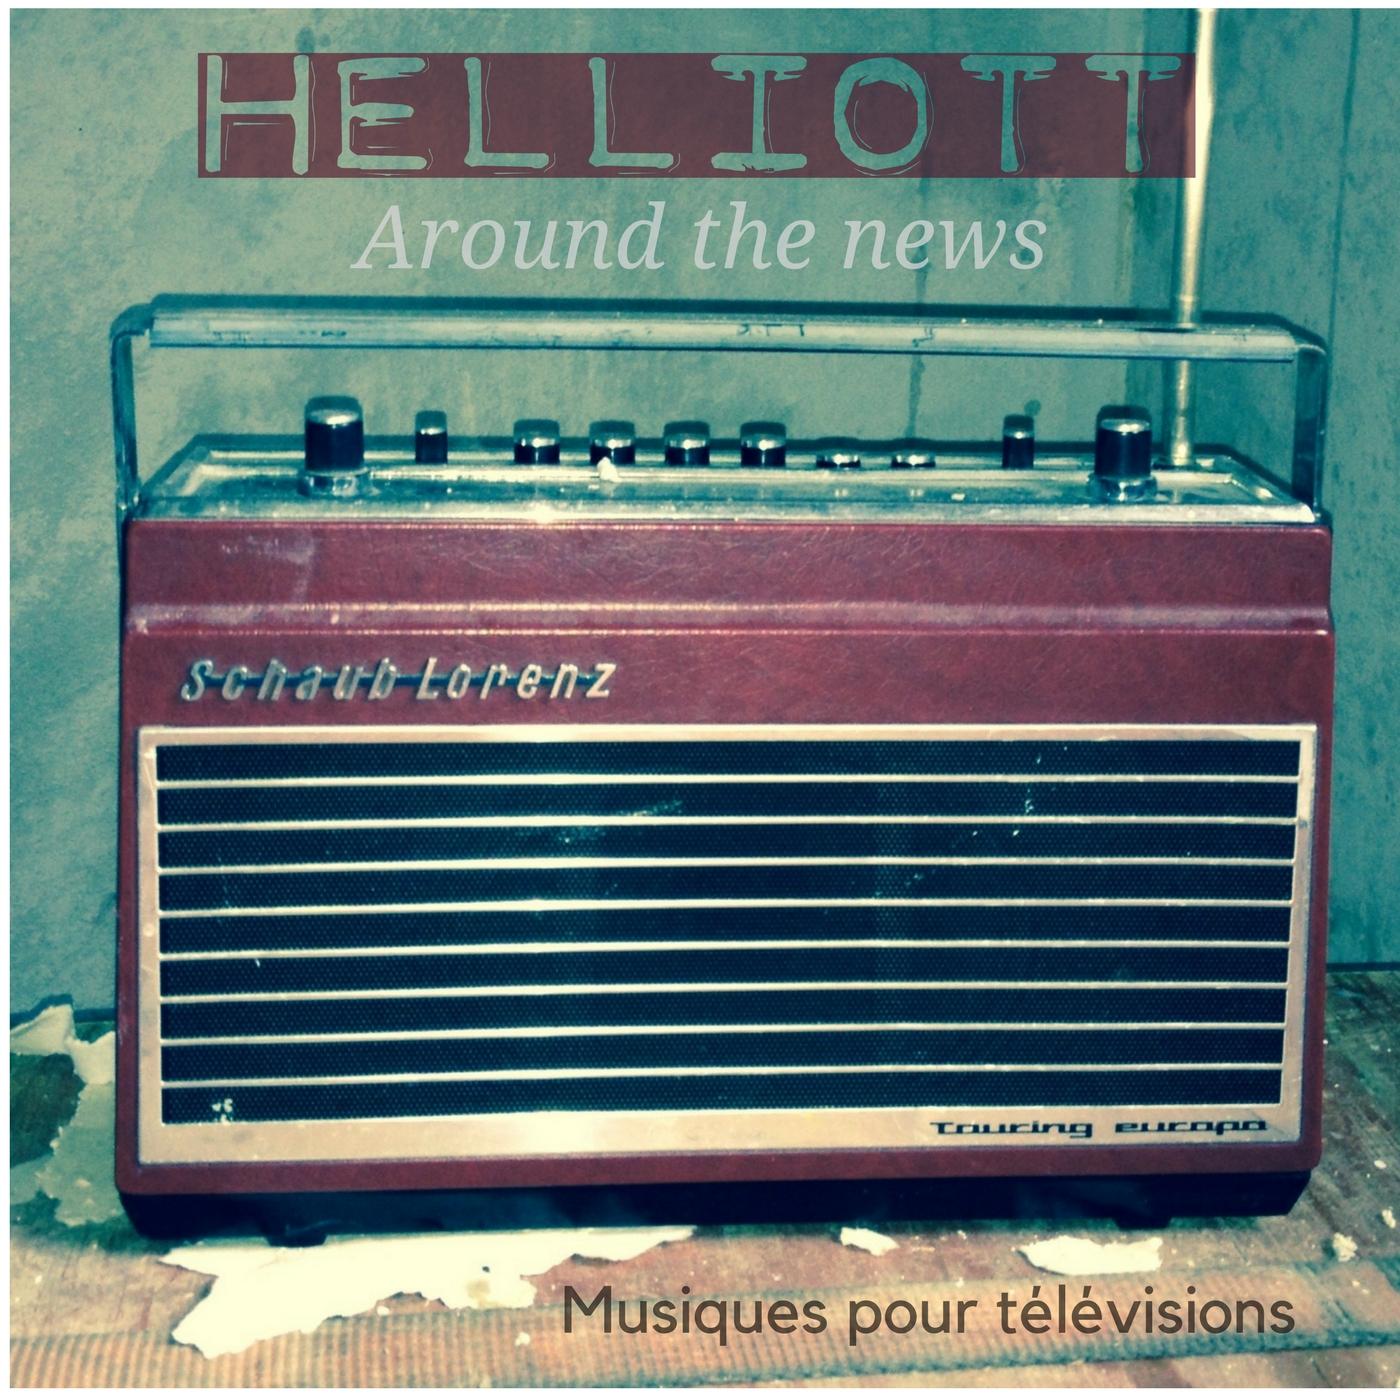 Helliott - Around the news